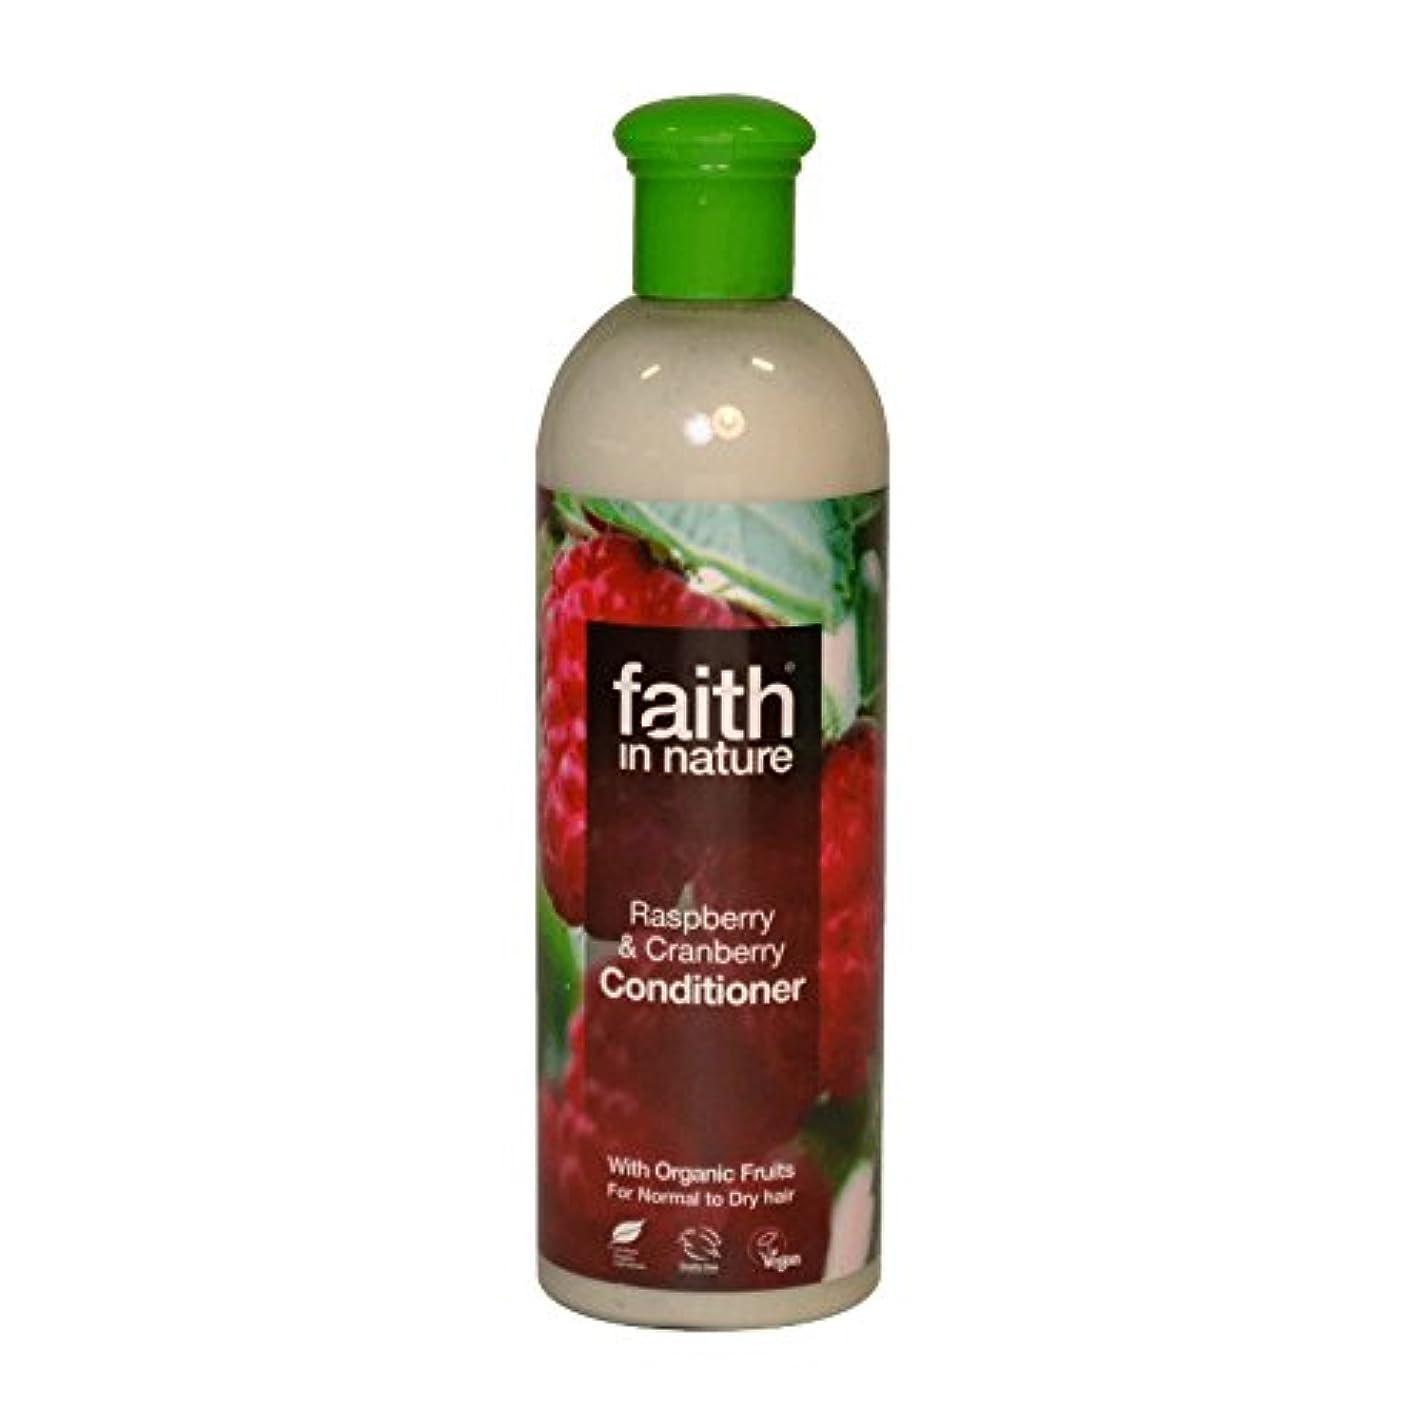 矢印基礎理論占める自然ラズベリー&クランベリーコンディショナー400ミリリットルの信仰 - Faith in Nature Raspberry & Cranberry Conditioner 400ml (Faith in Nature)...